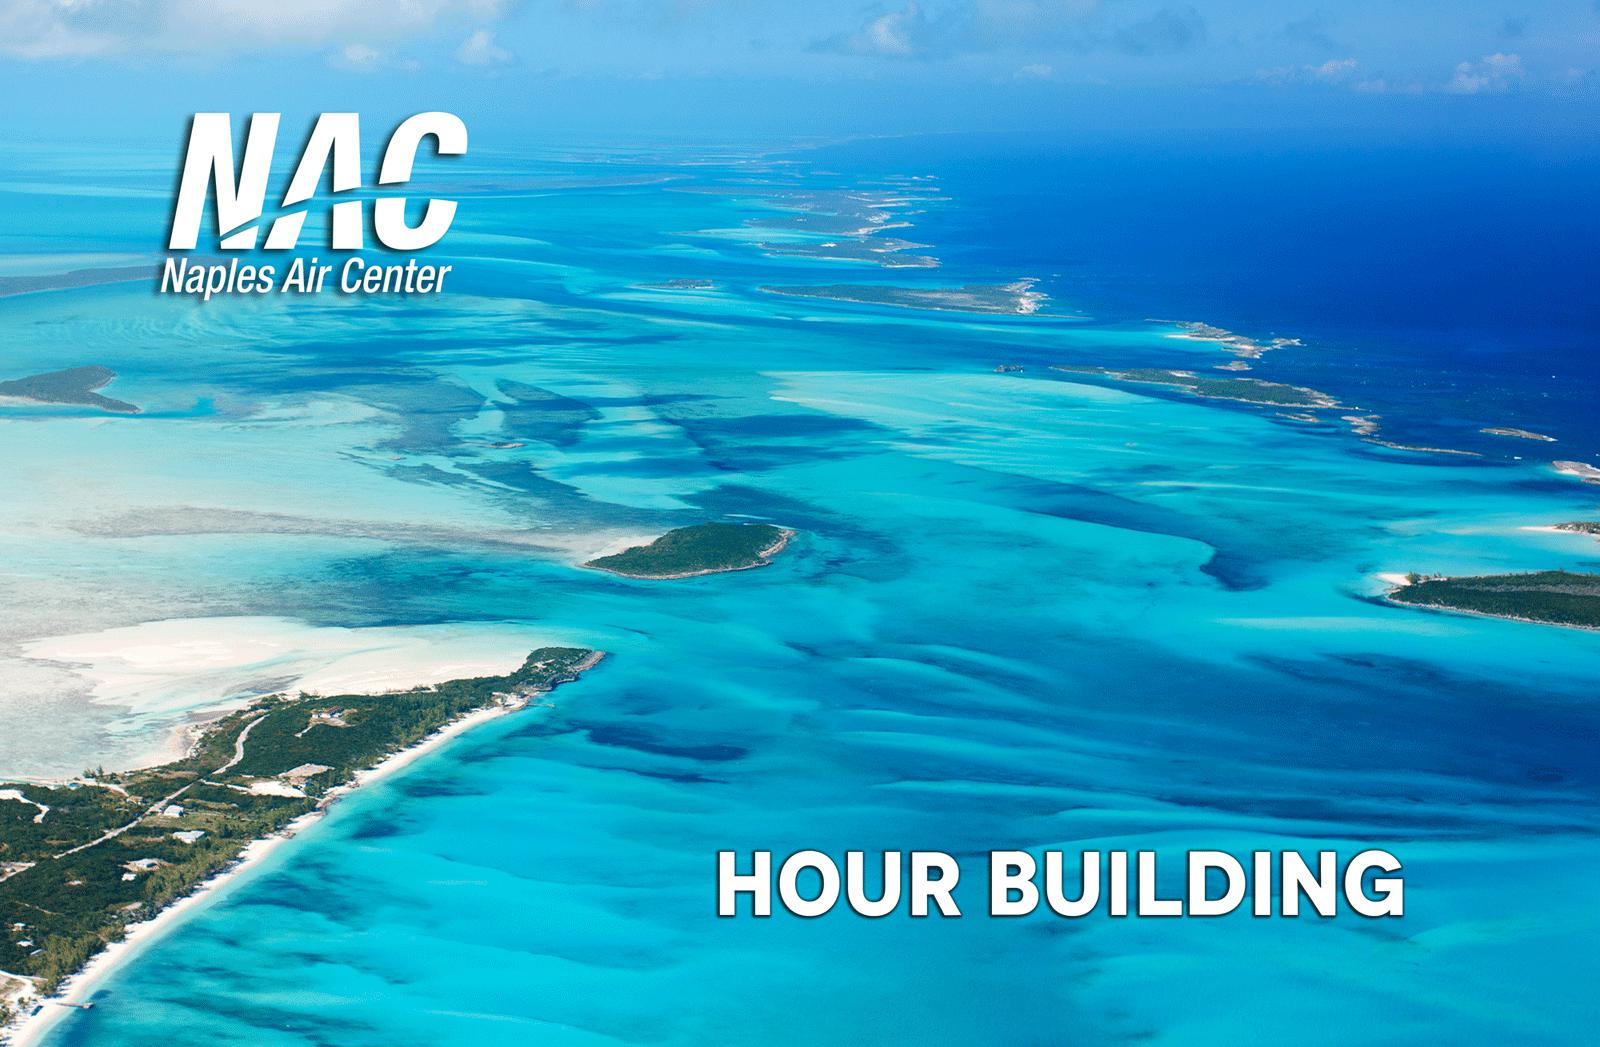 Hour Building - Naples Air Center